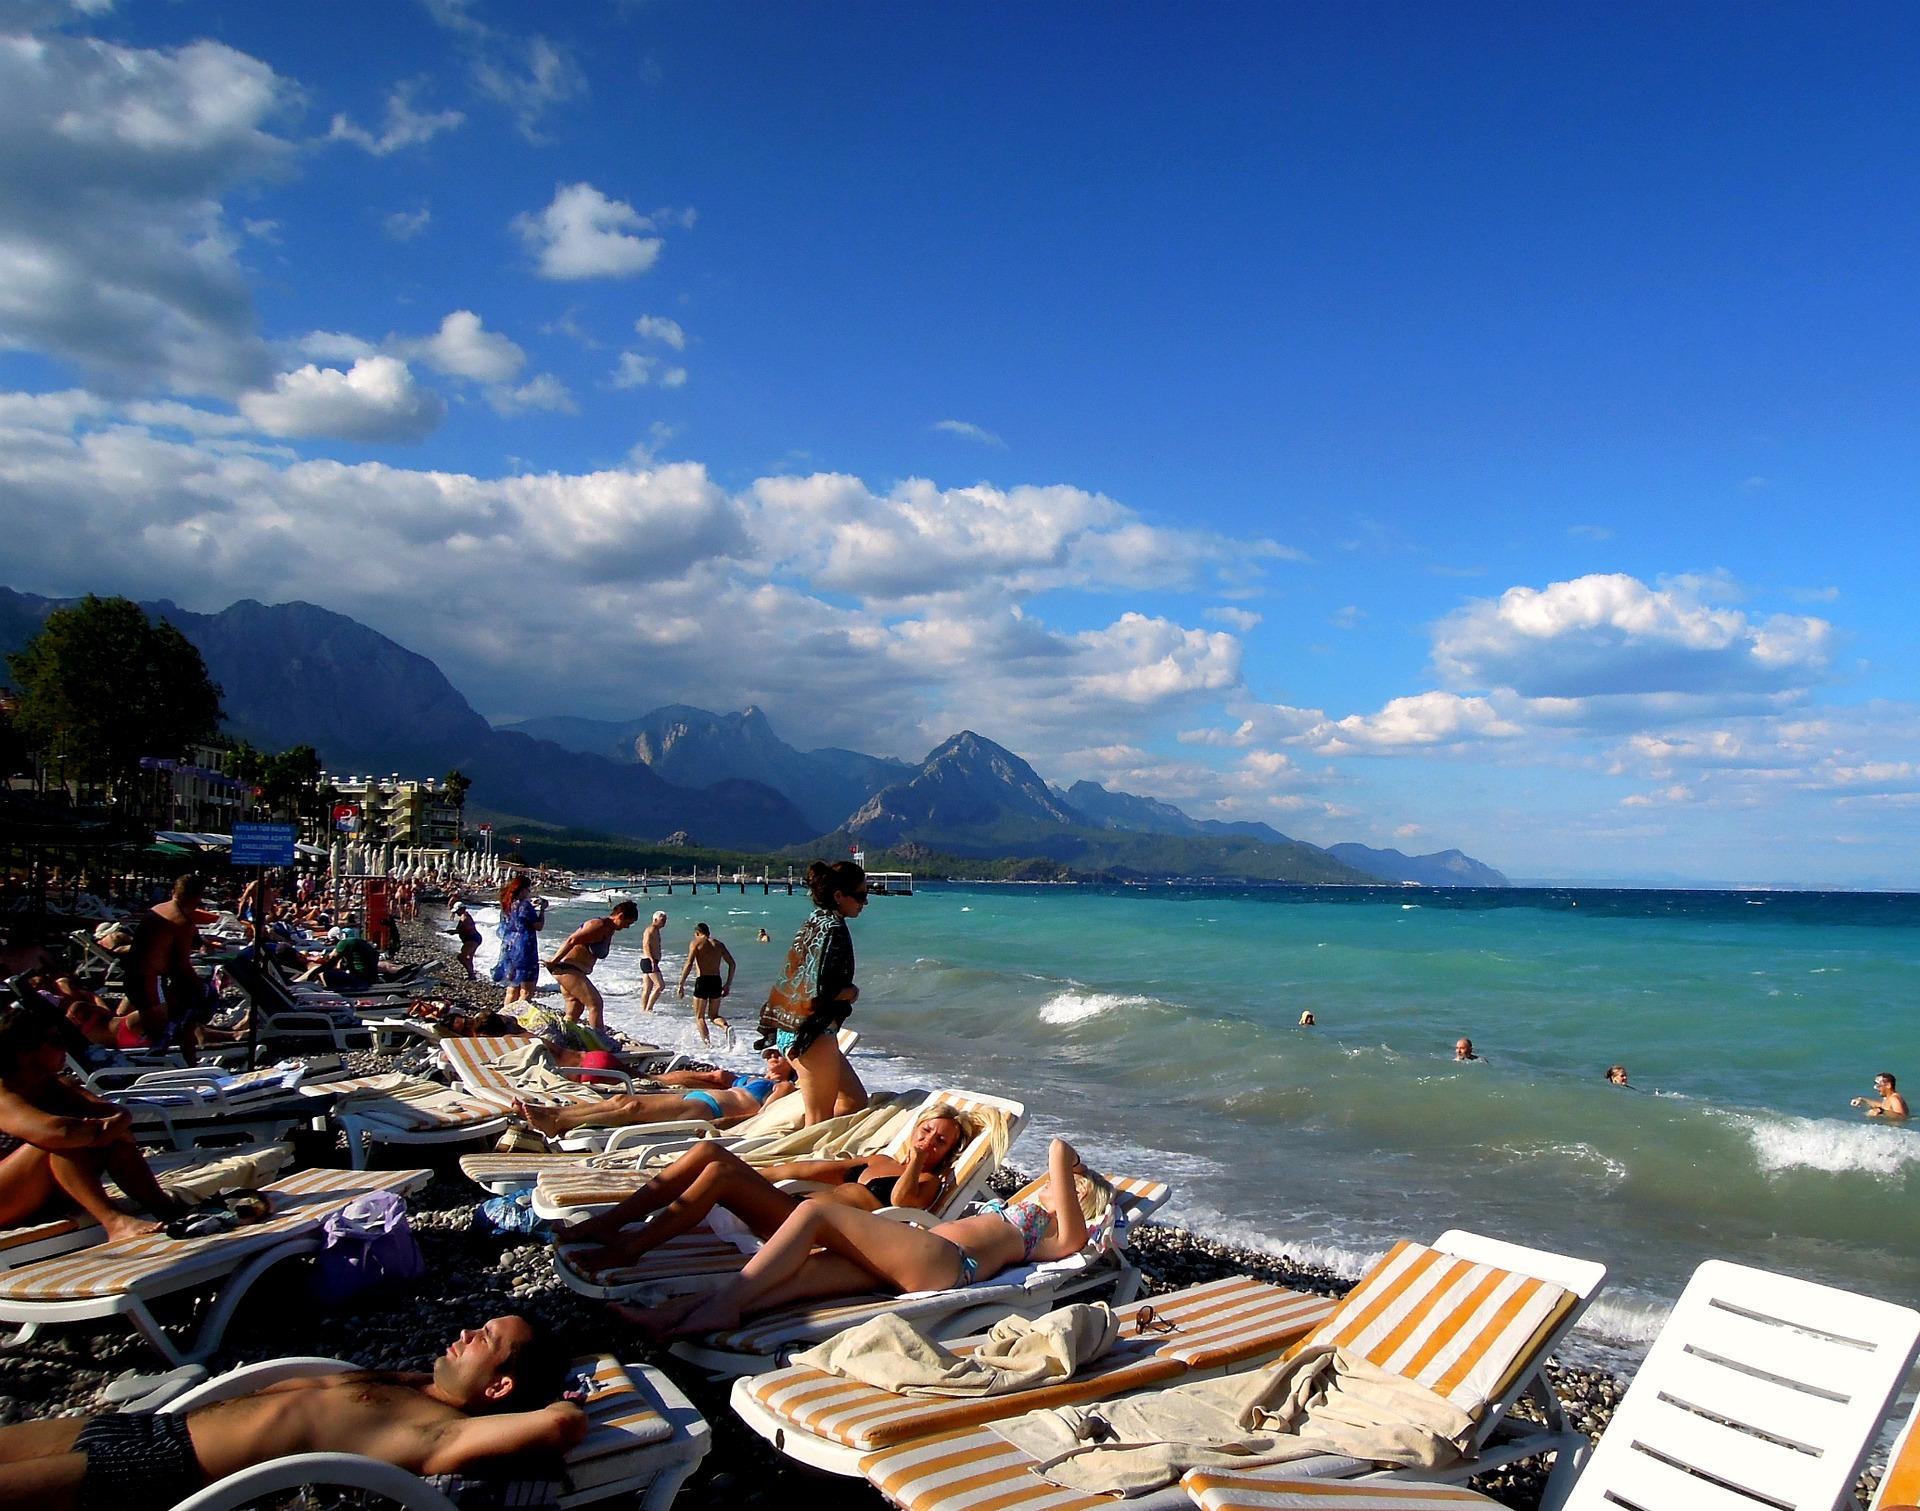 Kemer Badeurlaub zur Hauptsaison in der Türkei